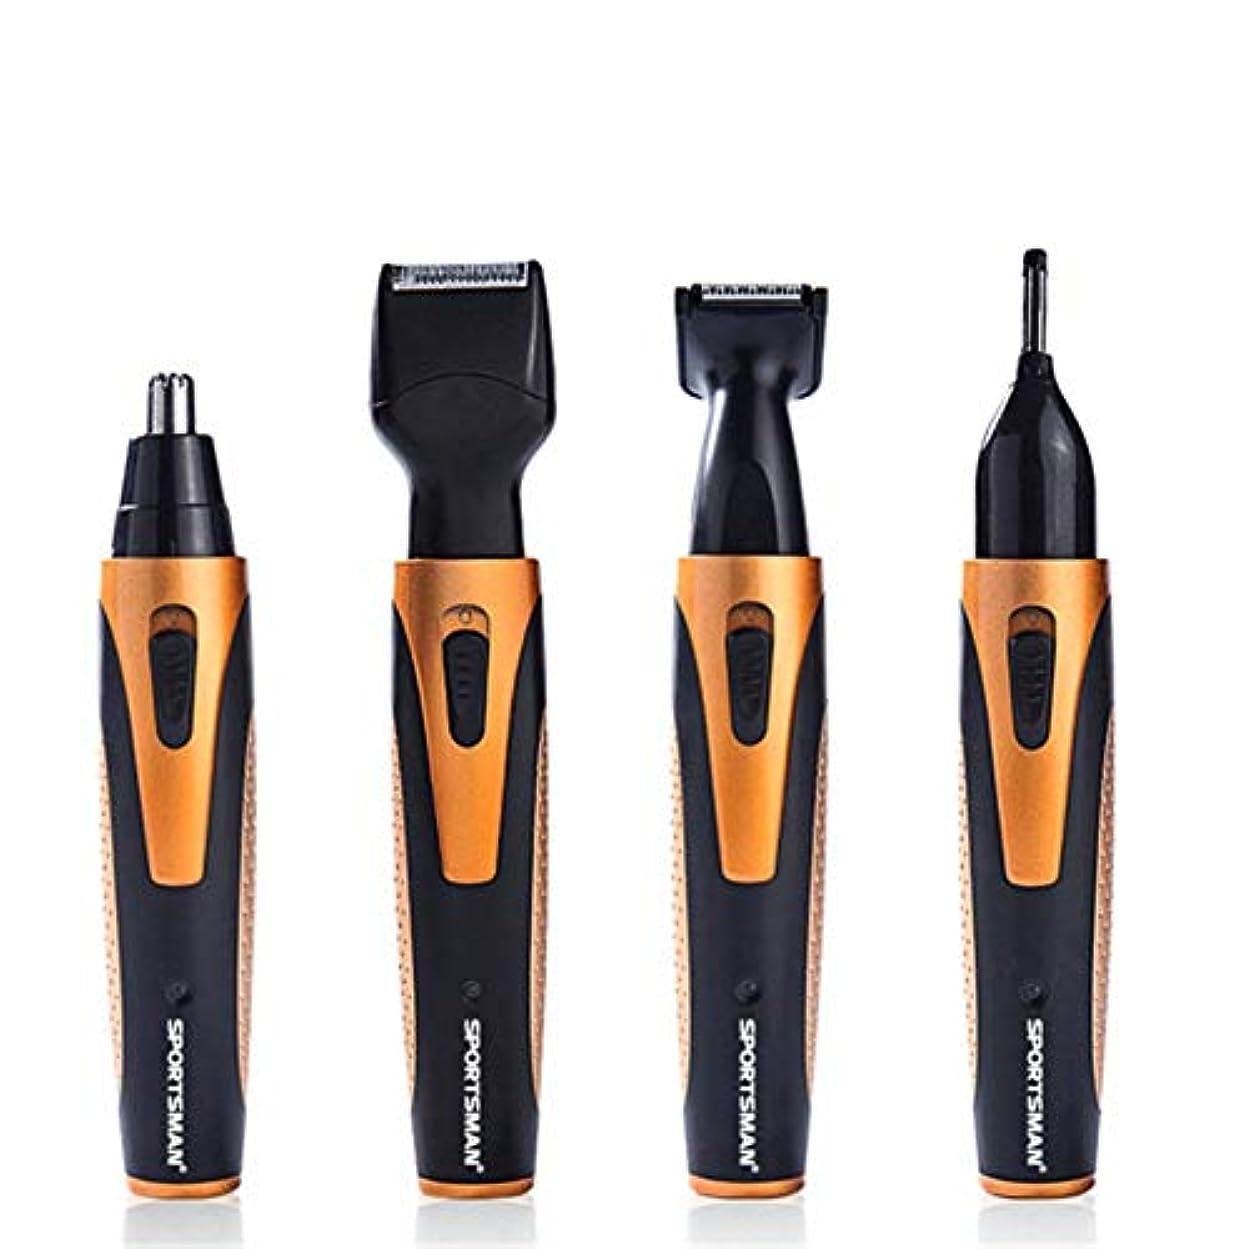 欠伸協力する癒す電気かみそり、男性電気かみそりロータリーひげトリマー鼻毛トリマーフェイスクリーニングブラシ防水ウェットとドライUSB充電式4 in 1シェービングマシンaa